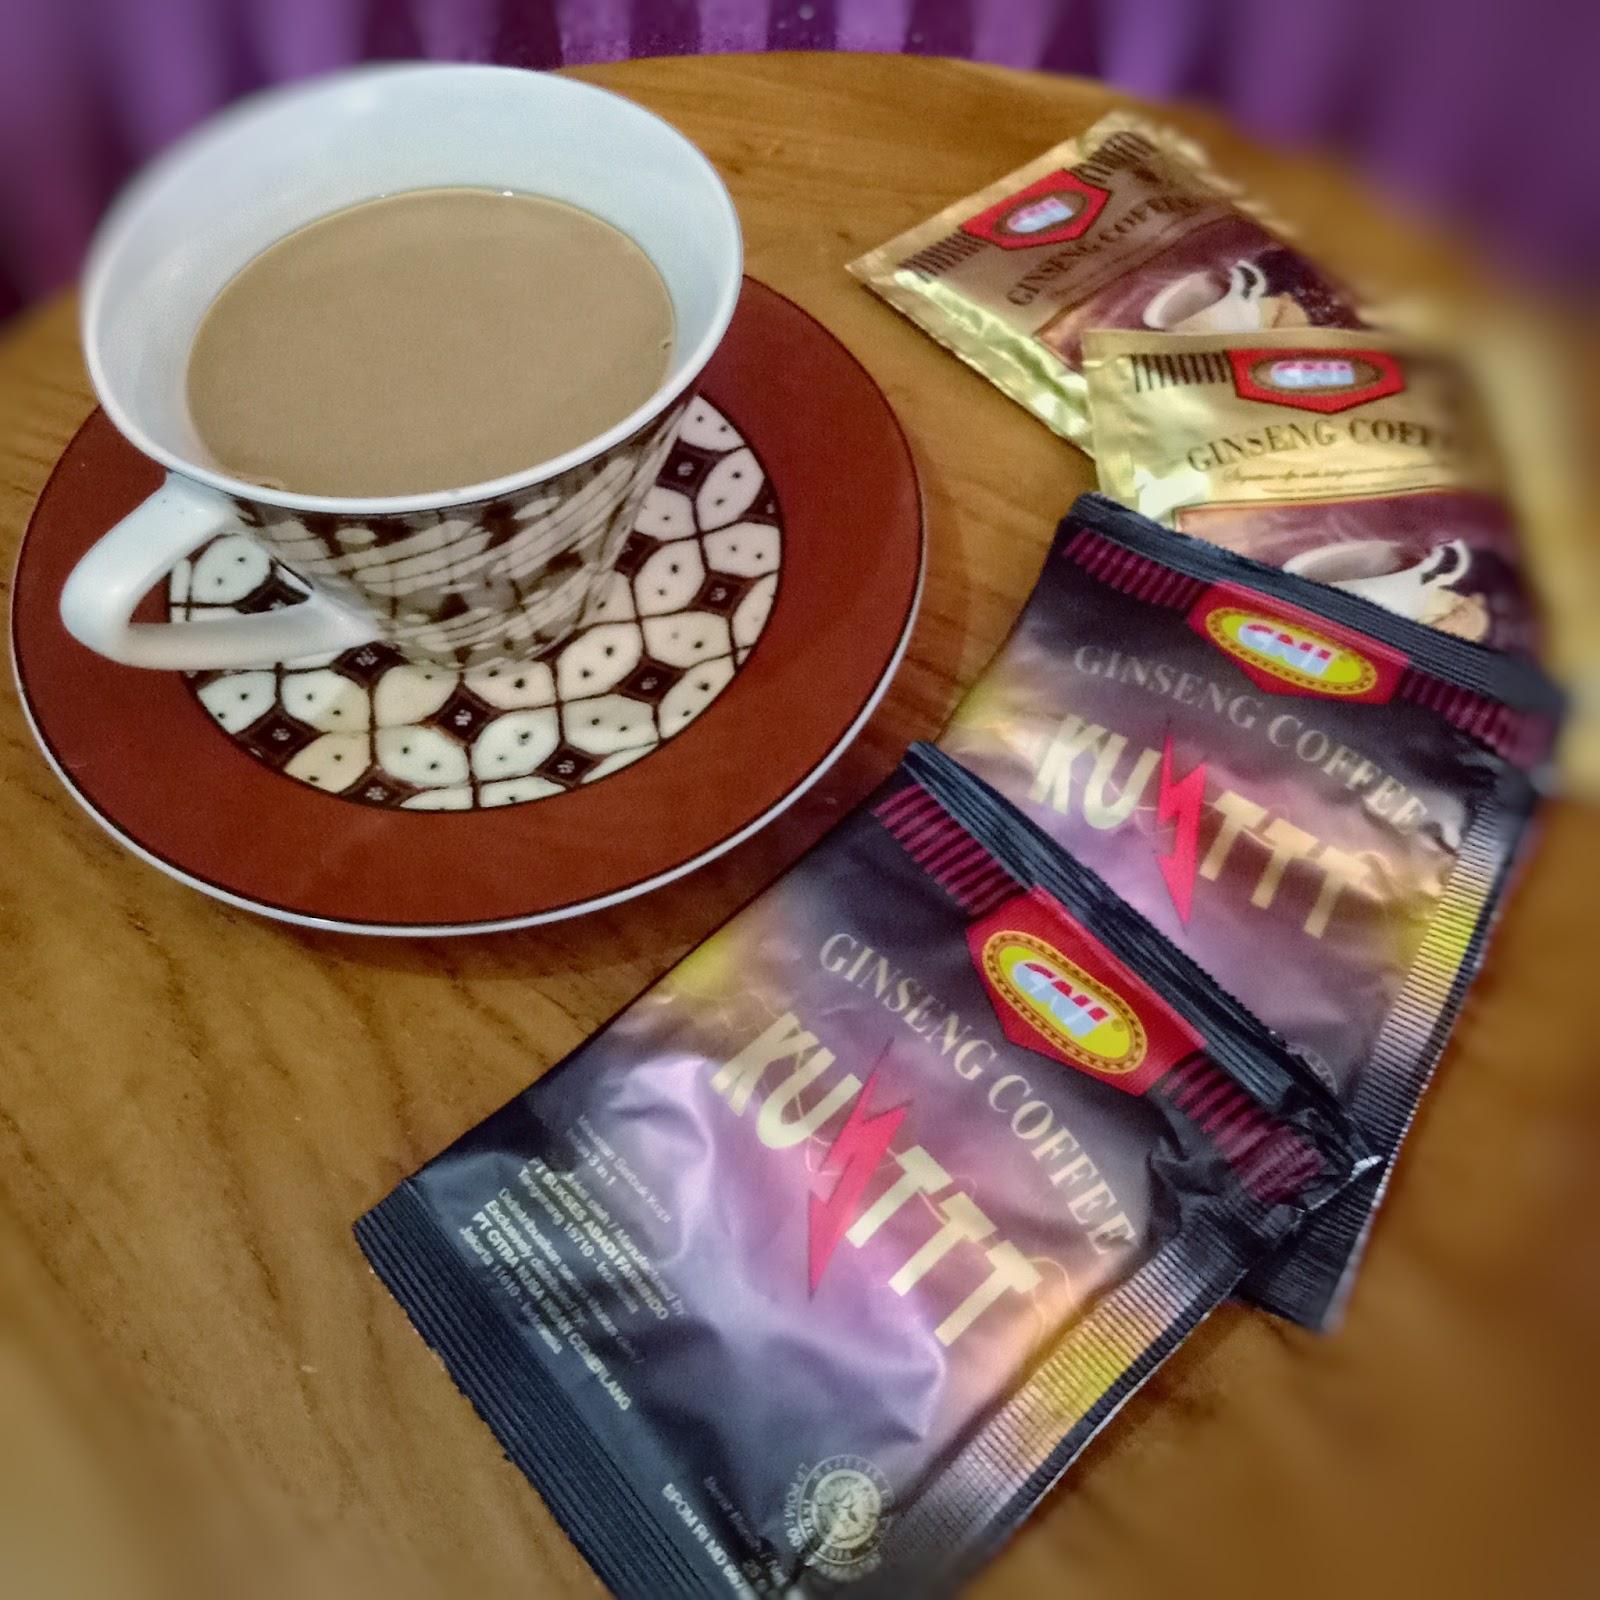 Kopi Ginseng Cni Coffee Daftar Harga Terbaru Terlengkap Indonesia Cafe Up Sugar Free Rupanya Varian Ini Ada Beragam Saya Coba Lagi Barunya Dengan Rasa